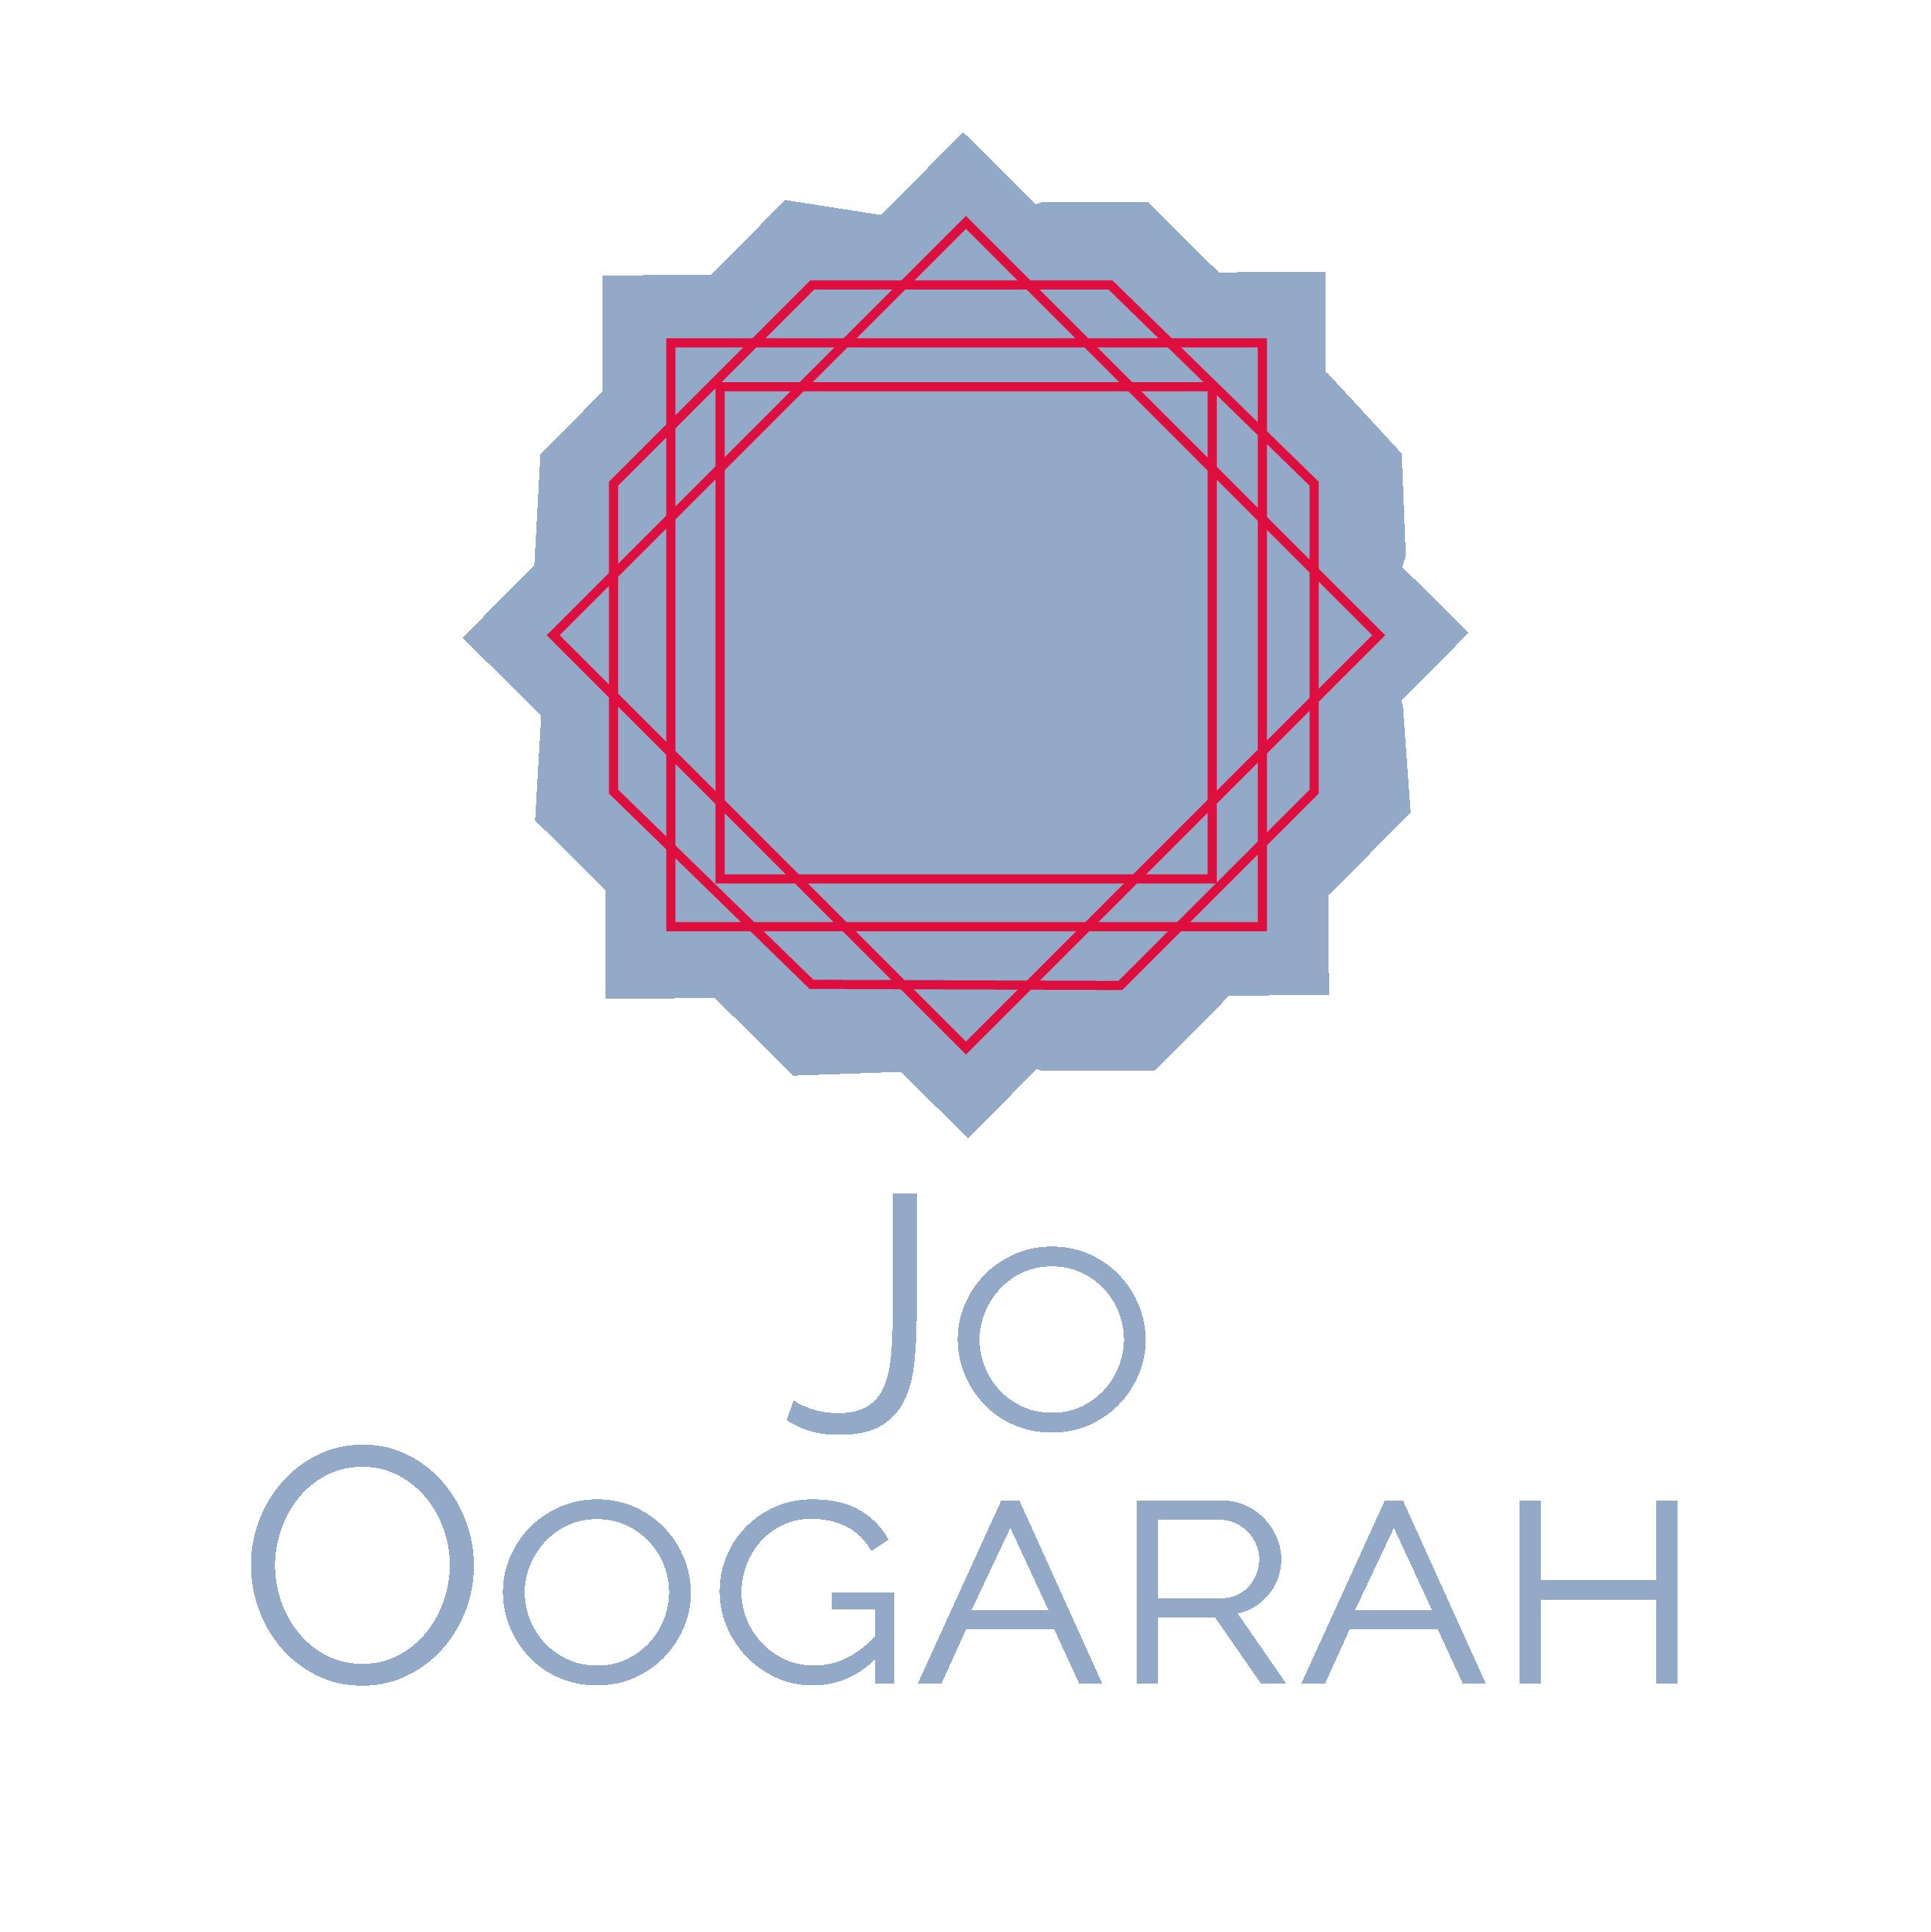 Jo Oogarah